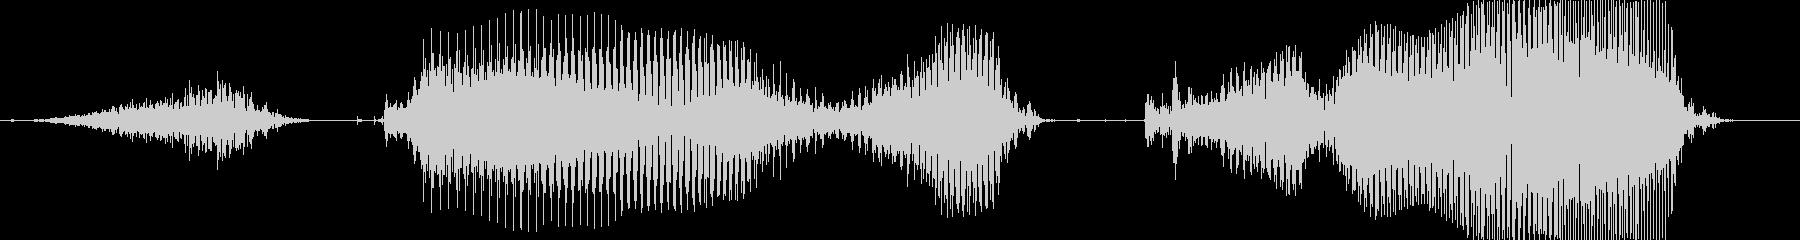 ステージクリア!の未再生の波形